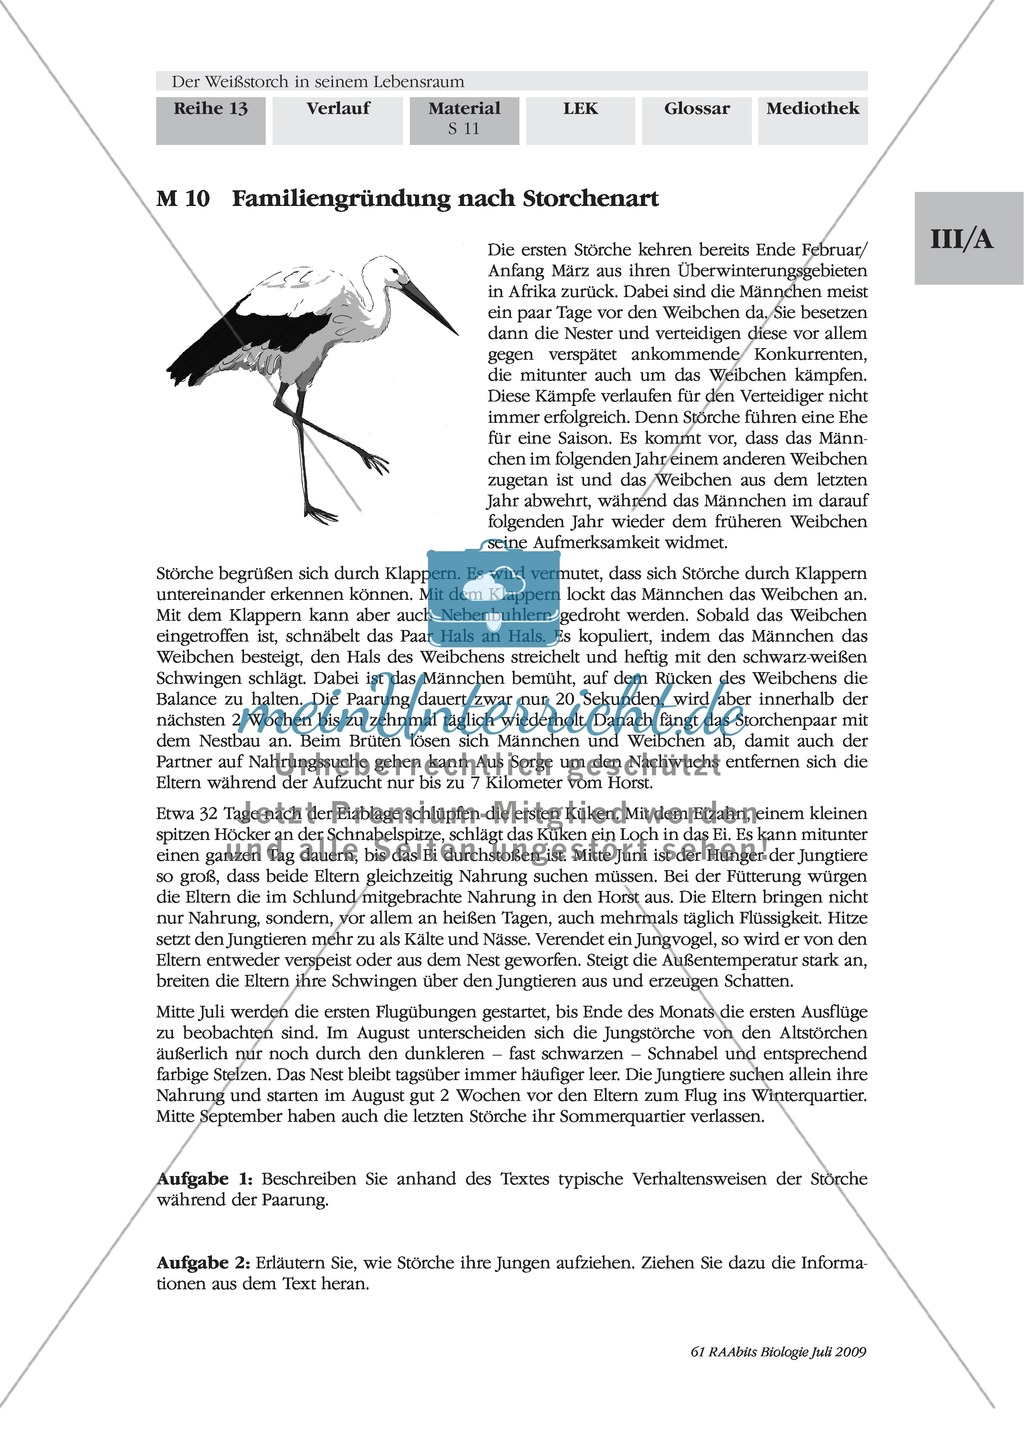 Das Leben der Storche am Beispiel ihrer Nahrung, Nahrungssuche und Fortpflanzung Preview 7